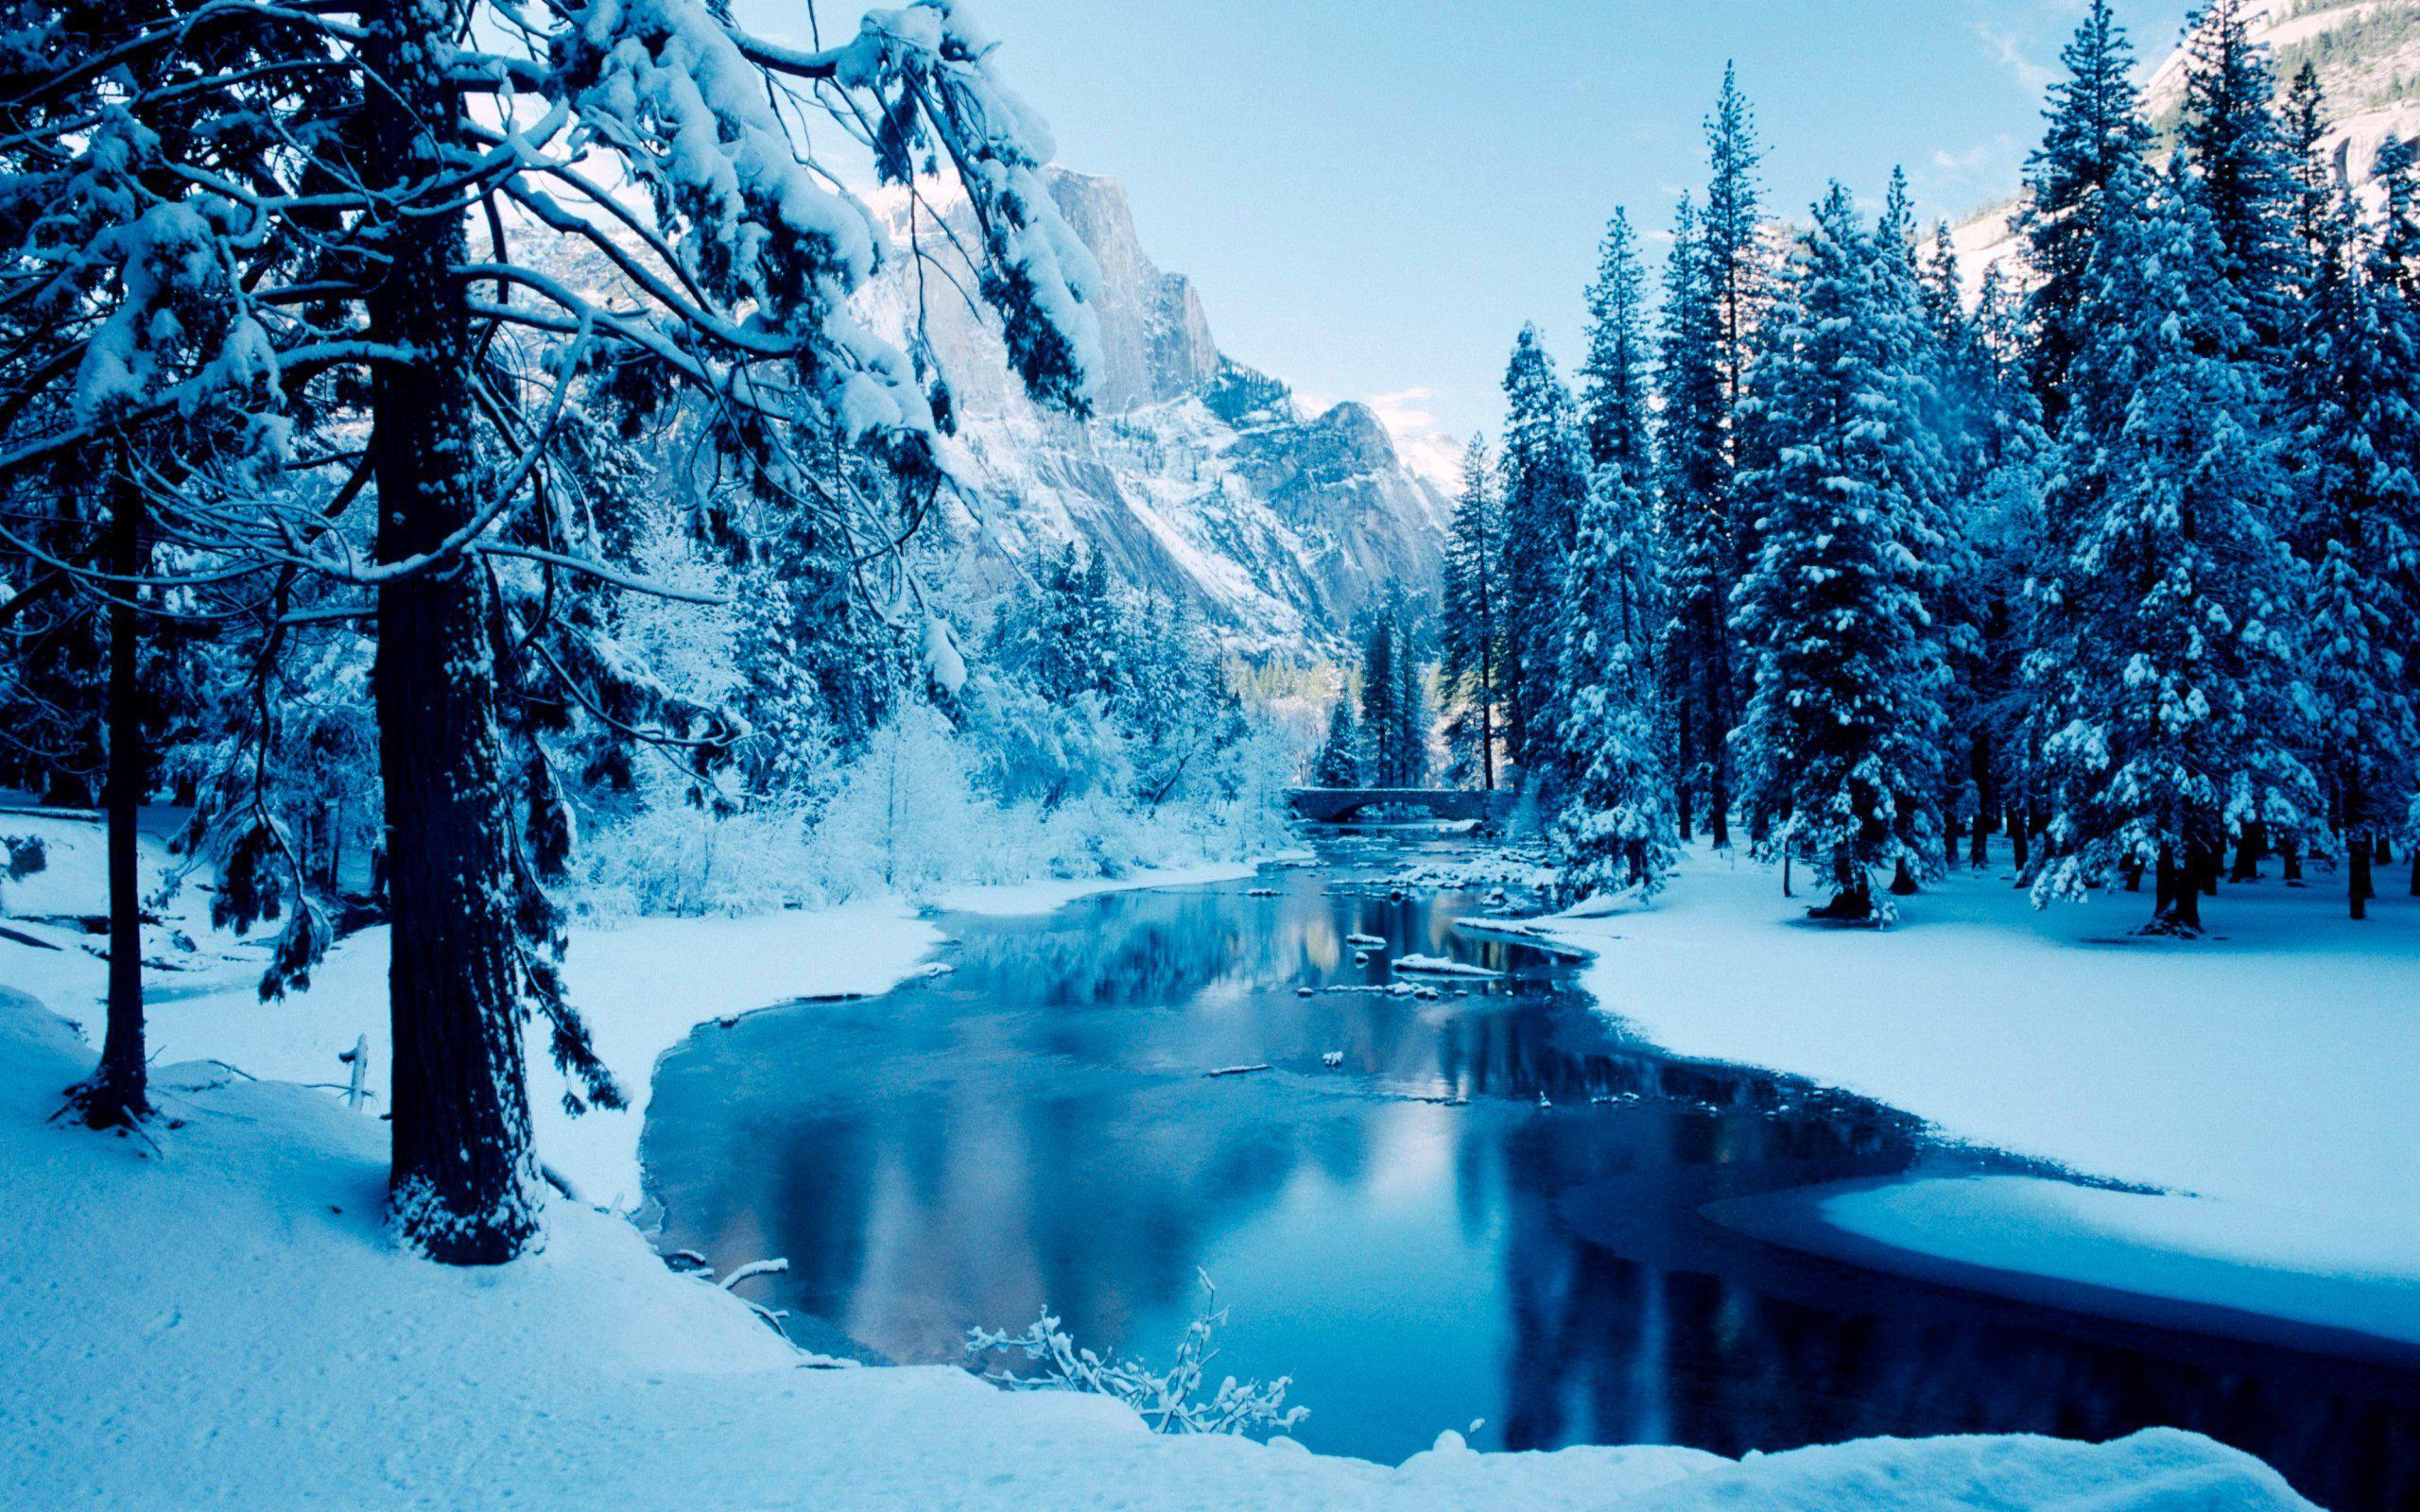 Winter Scene Wallpaper – An Inspiring Winter Wonderland